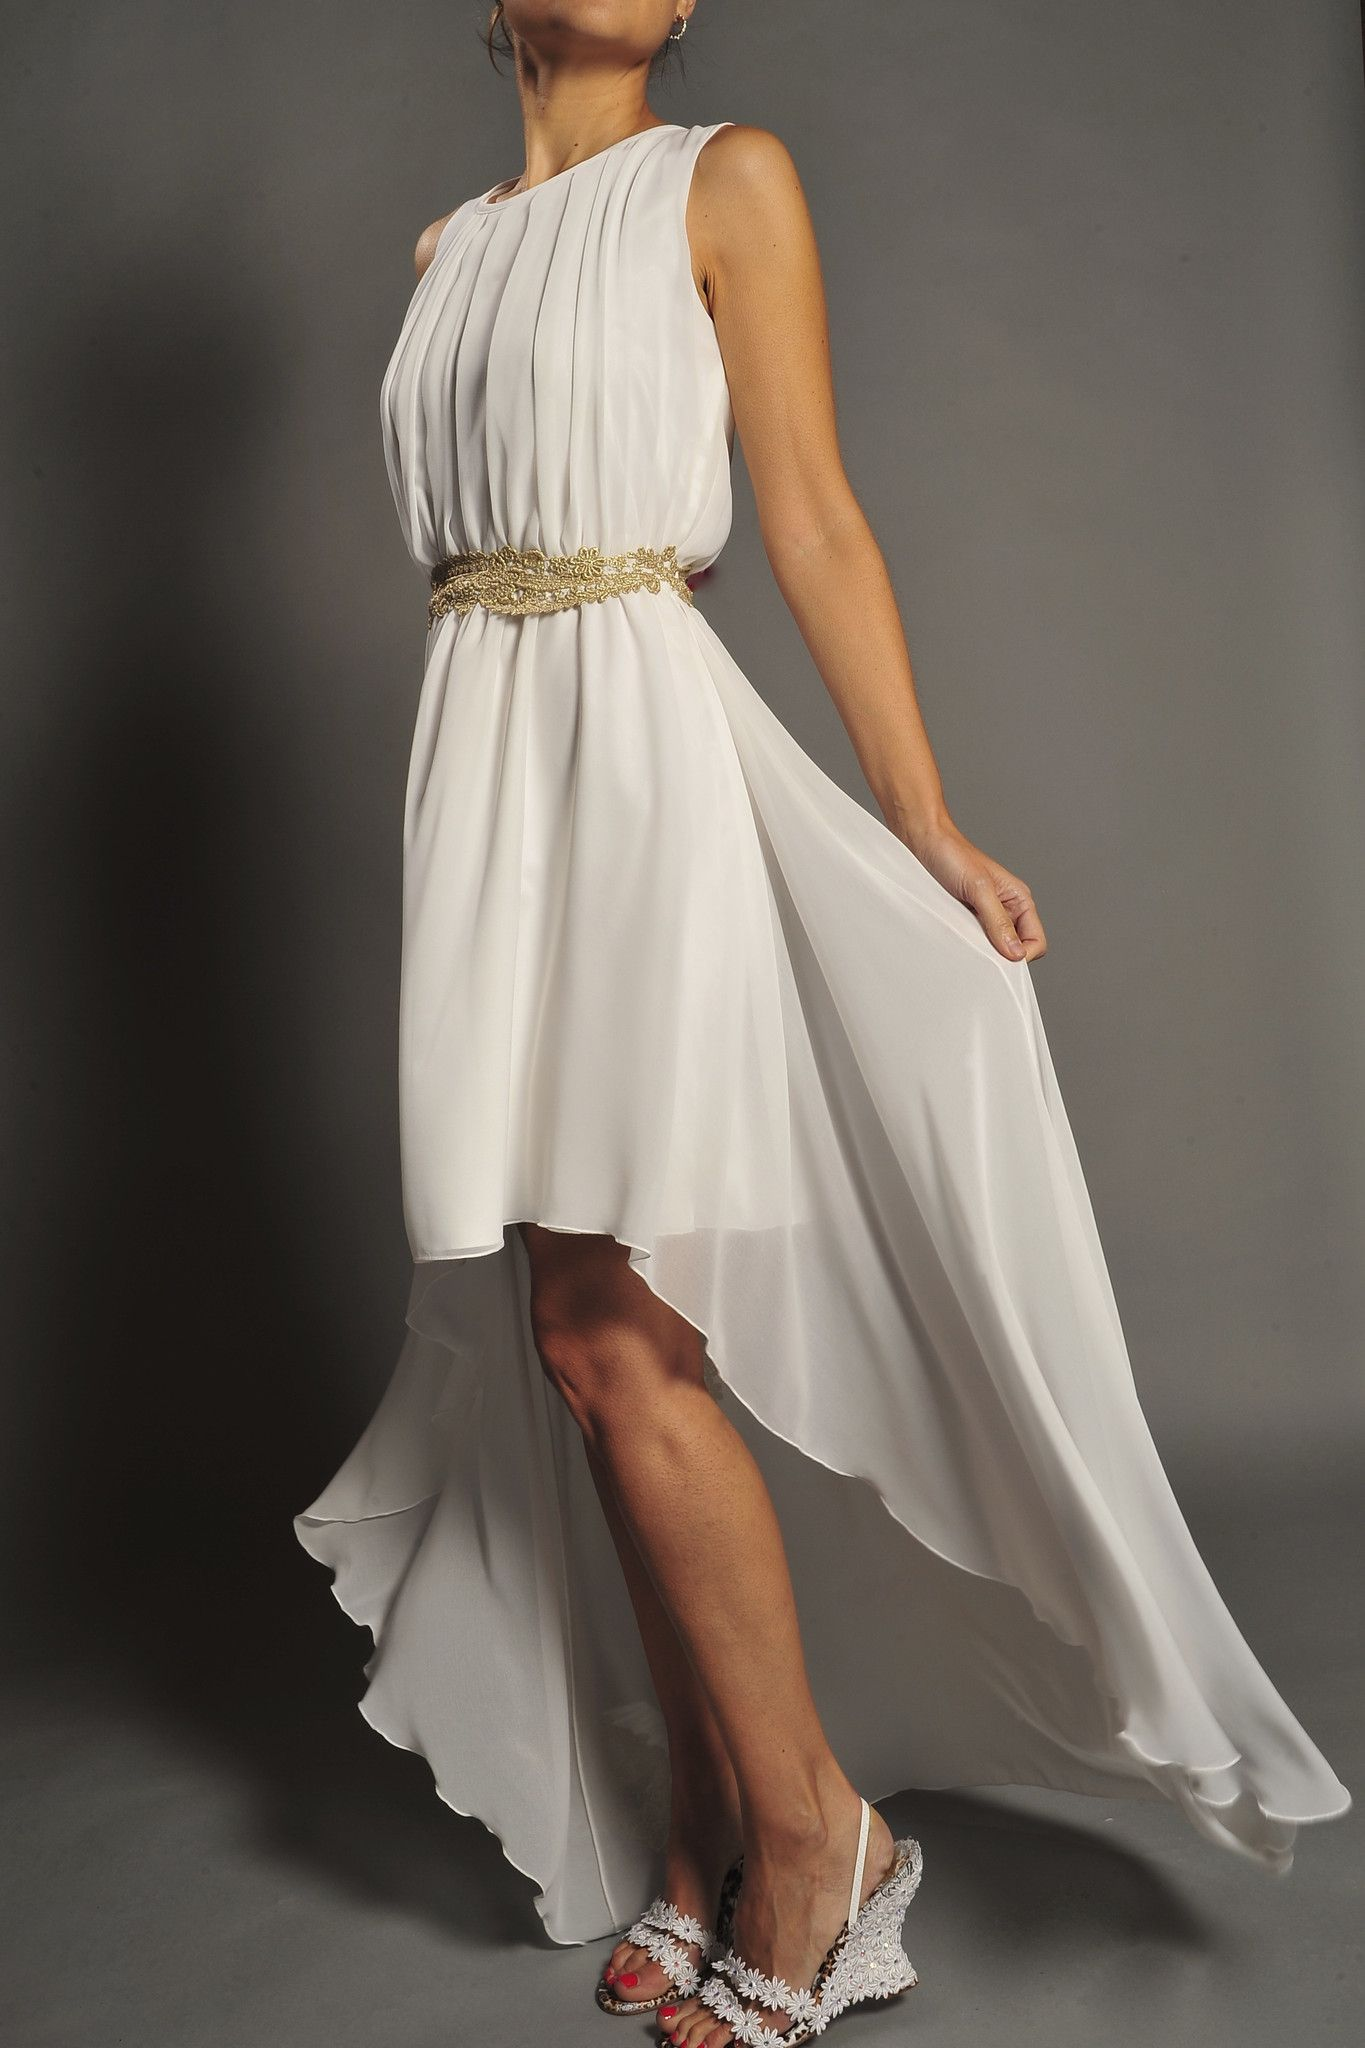 Vestidos de fiesta griegos cortos